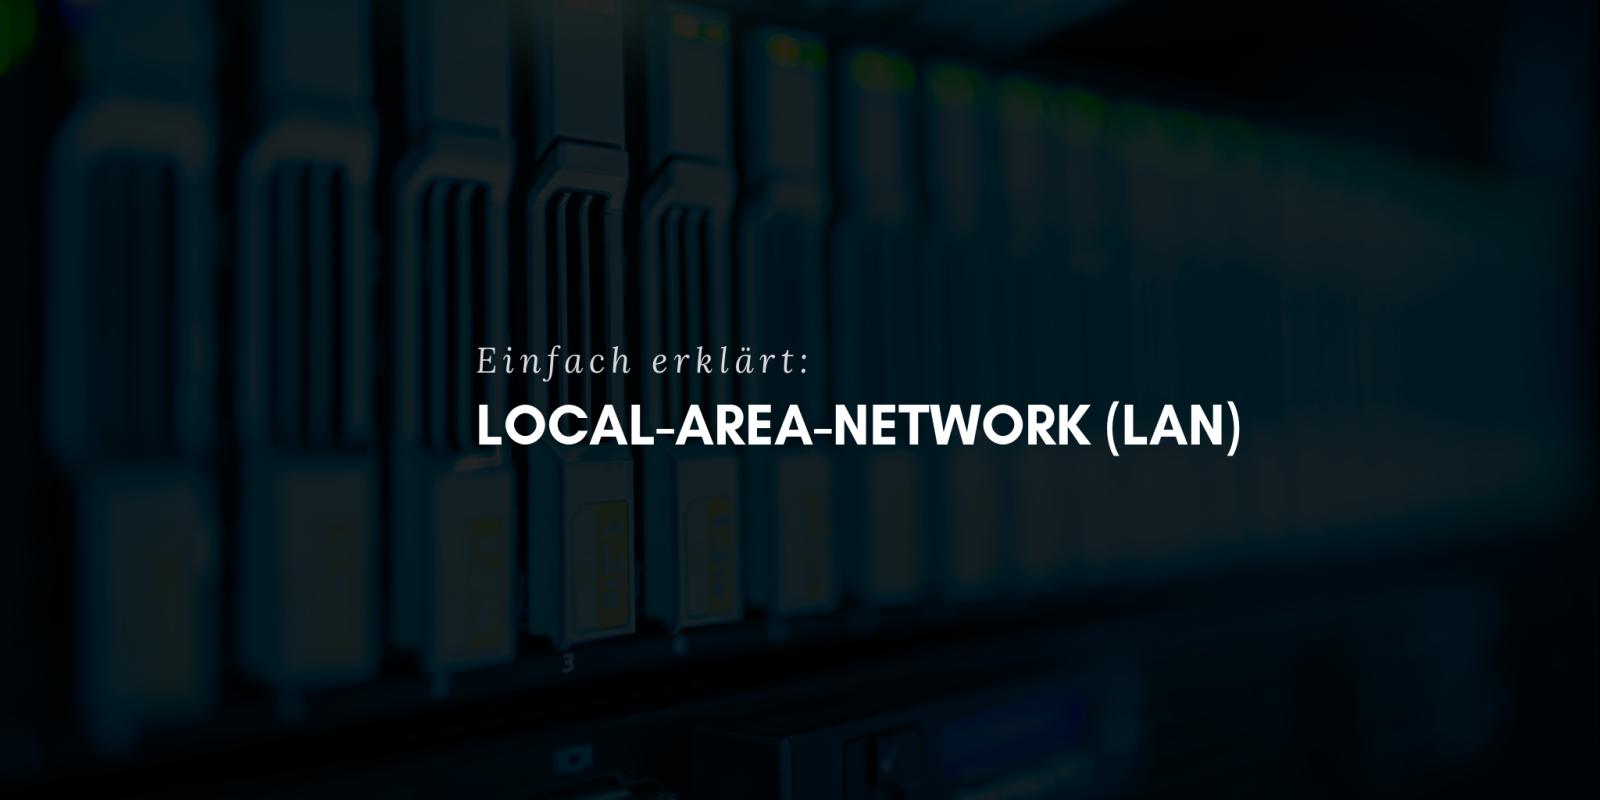 LAN - Was ist das? Einfach erklärt